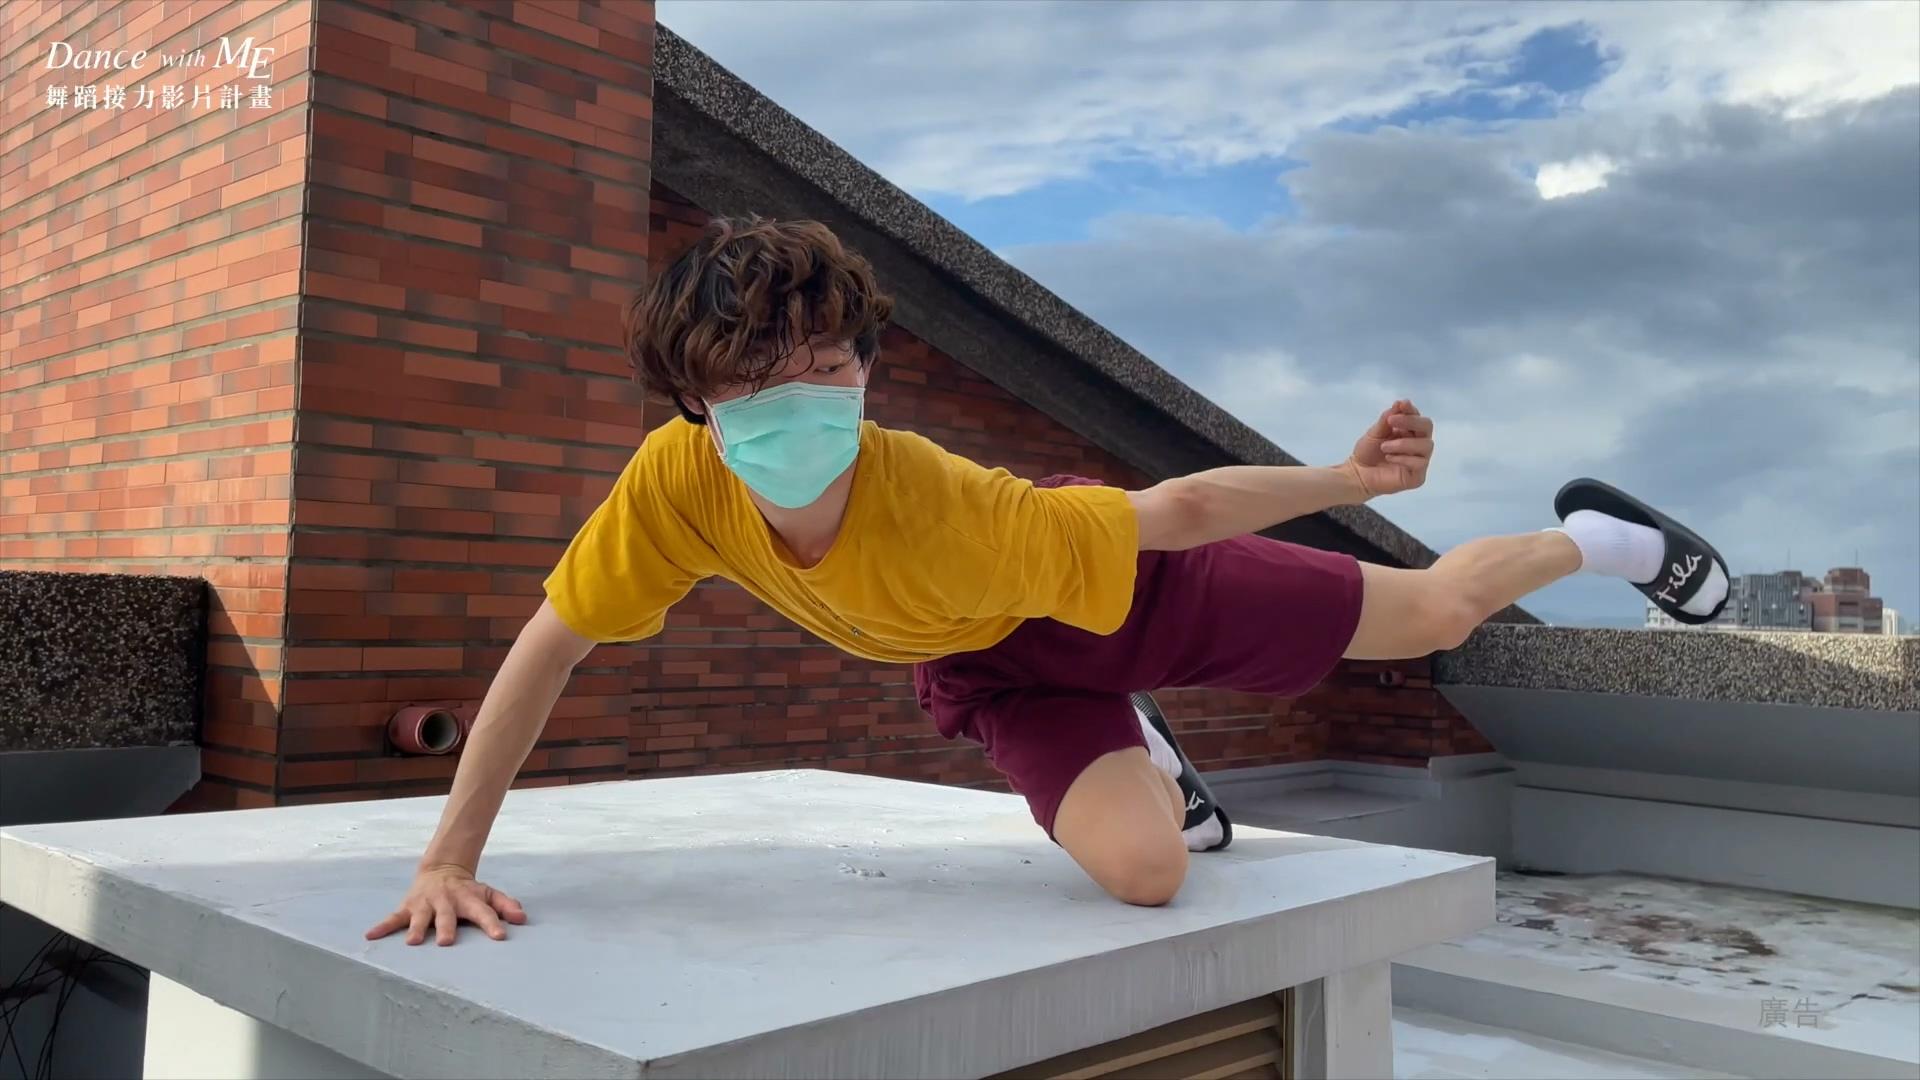 「Dance with ME」舞蹈接力影片計畫,舞者將居家住所的各處化為舞蹈拍攝的場景。(圖/新北市文化局提供)